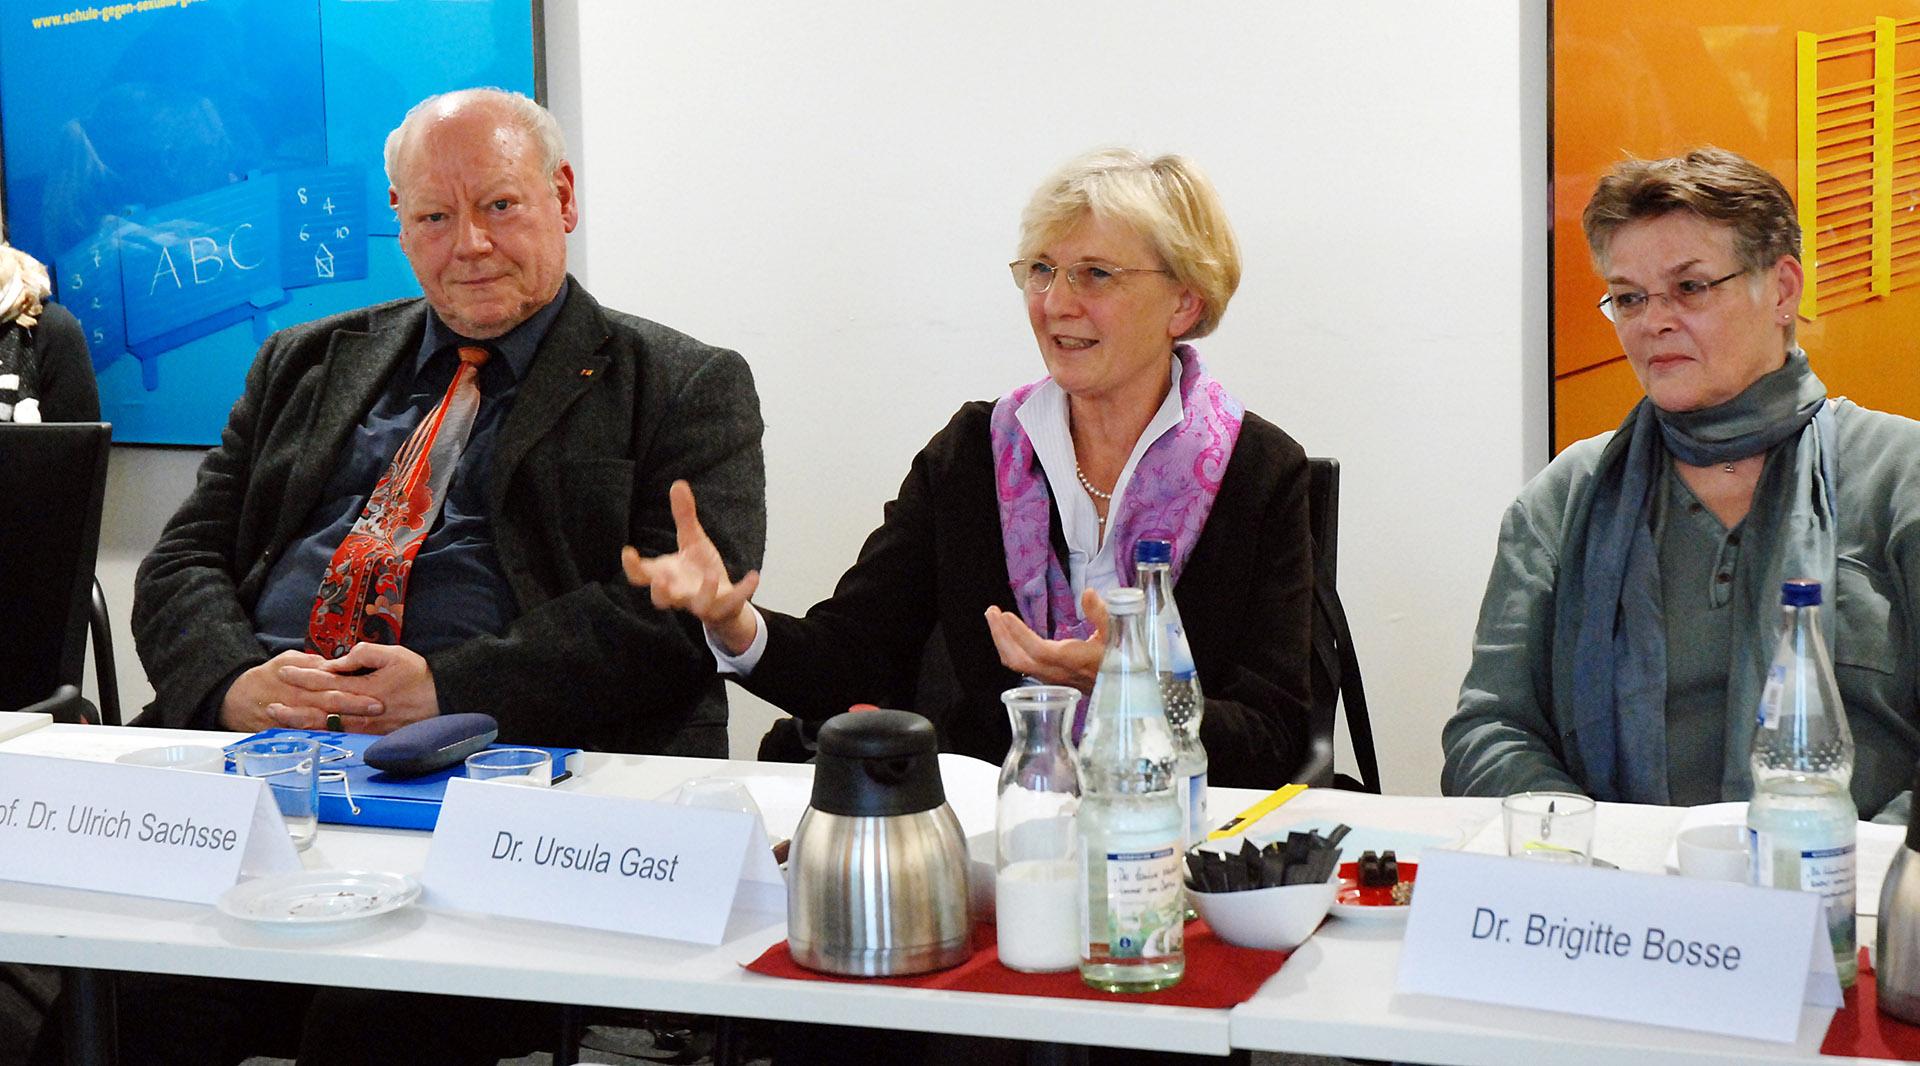 von links nach rechts im Bild: Prof. Dr. Ulrich Sachsse, Dr. Ursula Gast, Dr. Brigitte Bosse